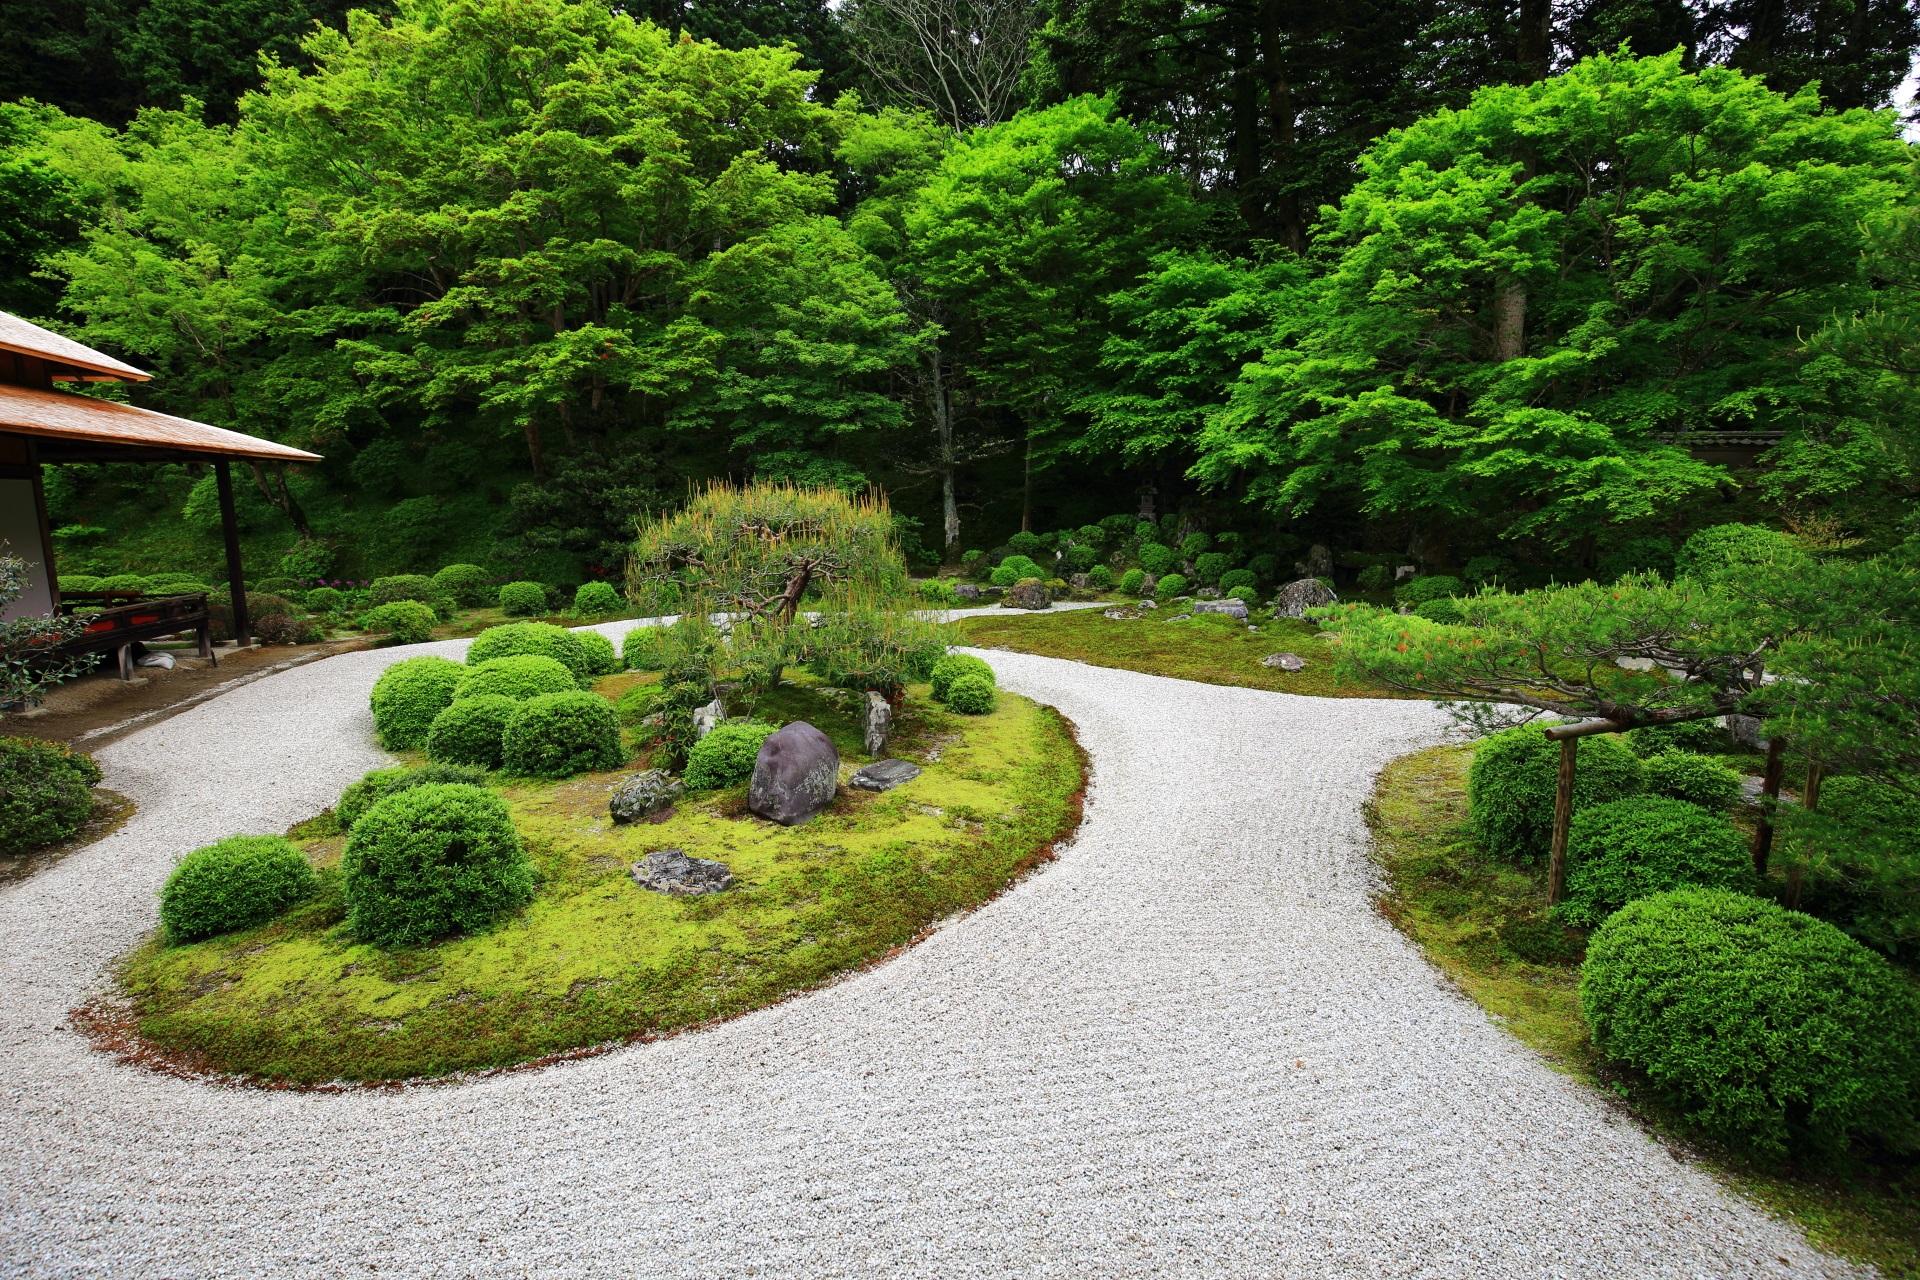 曼殊院の大書院東側の白砂と緑の絶品の庭園